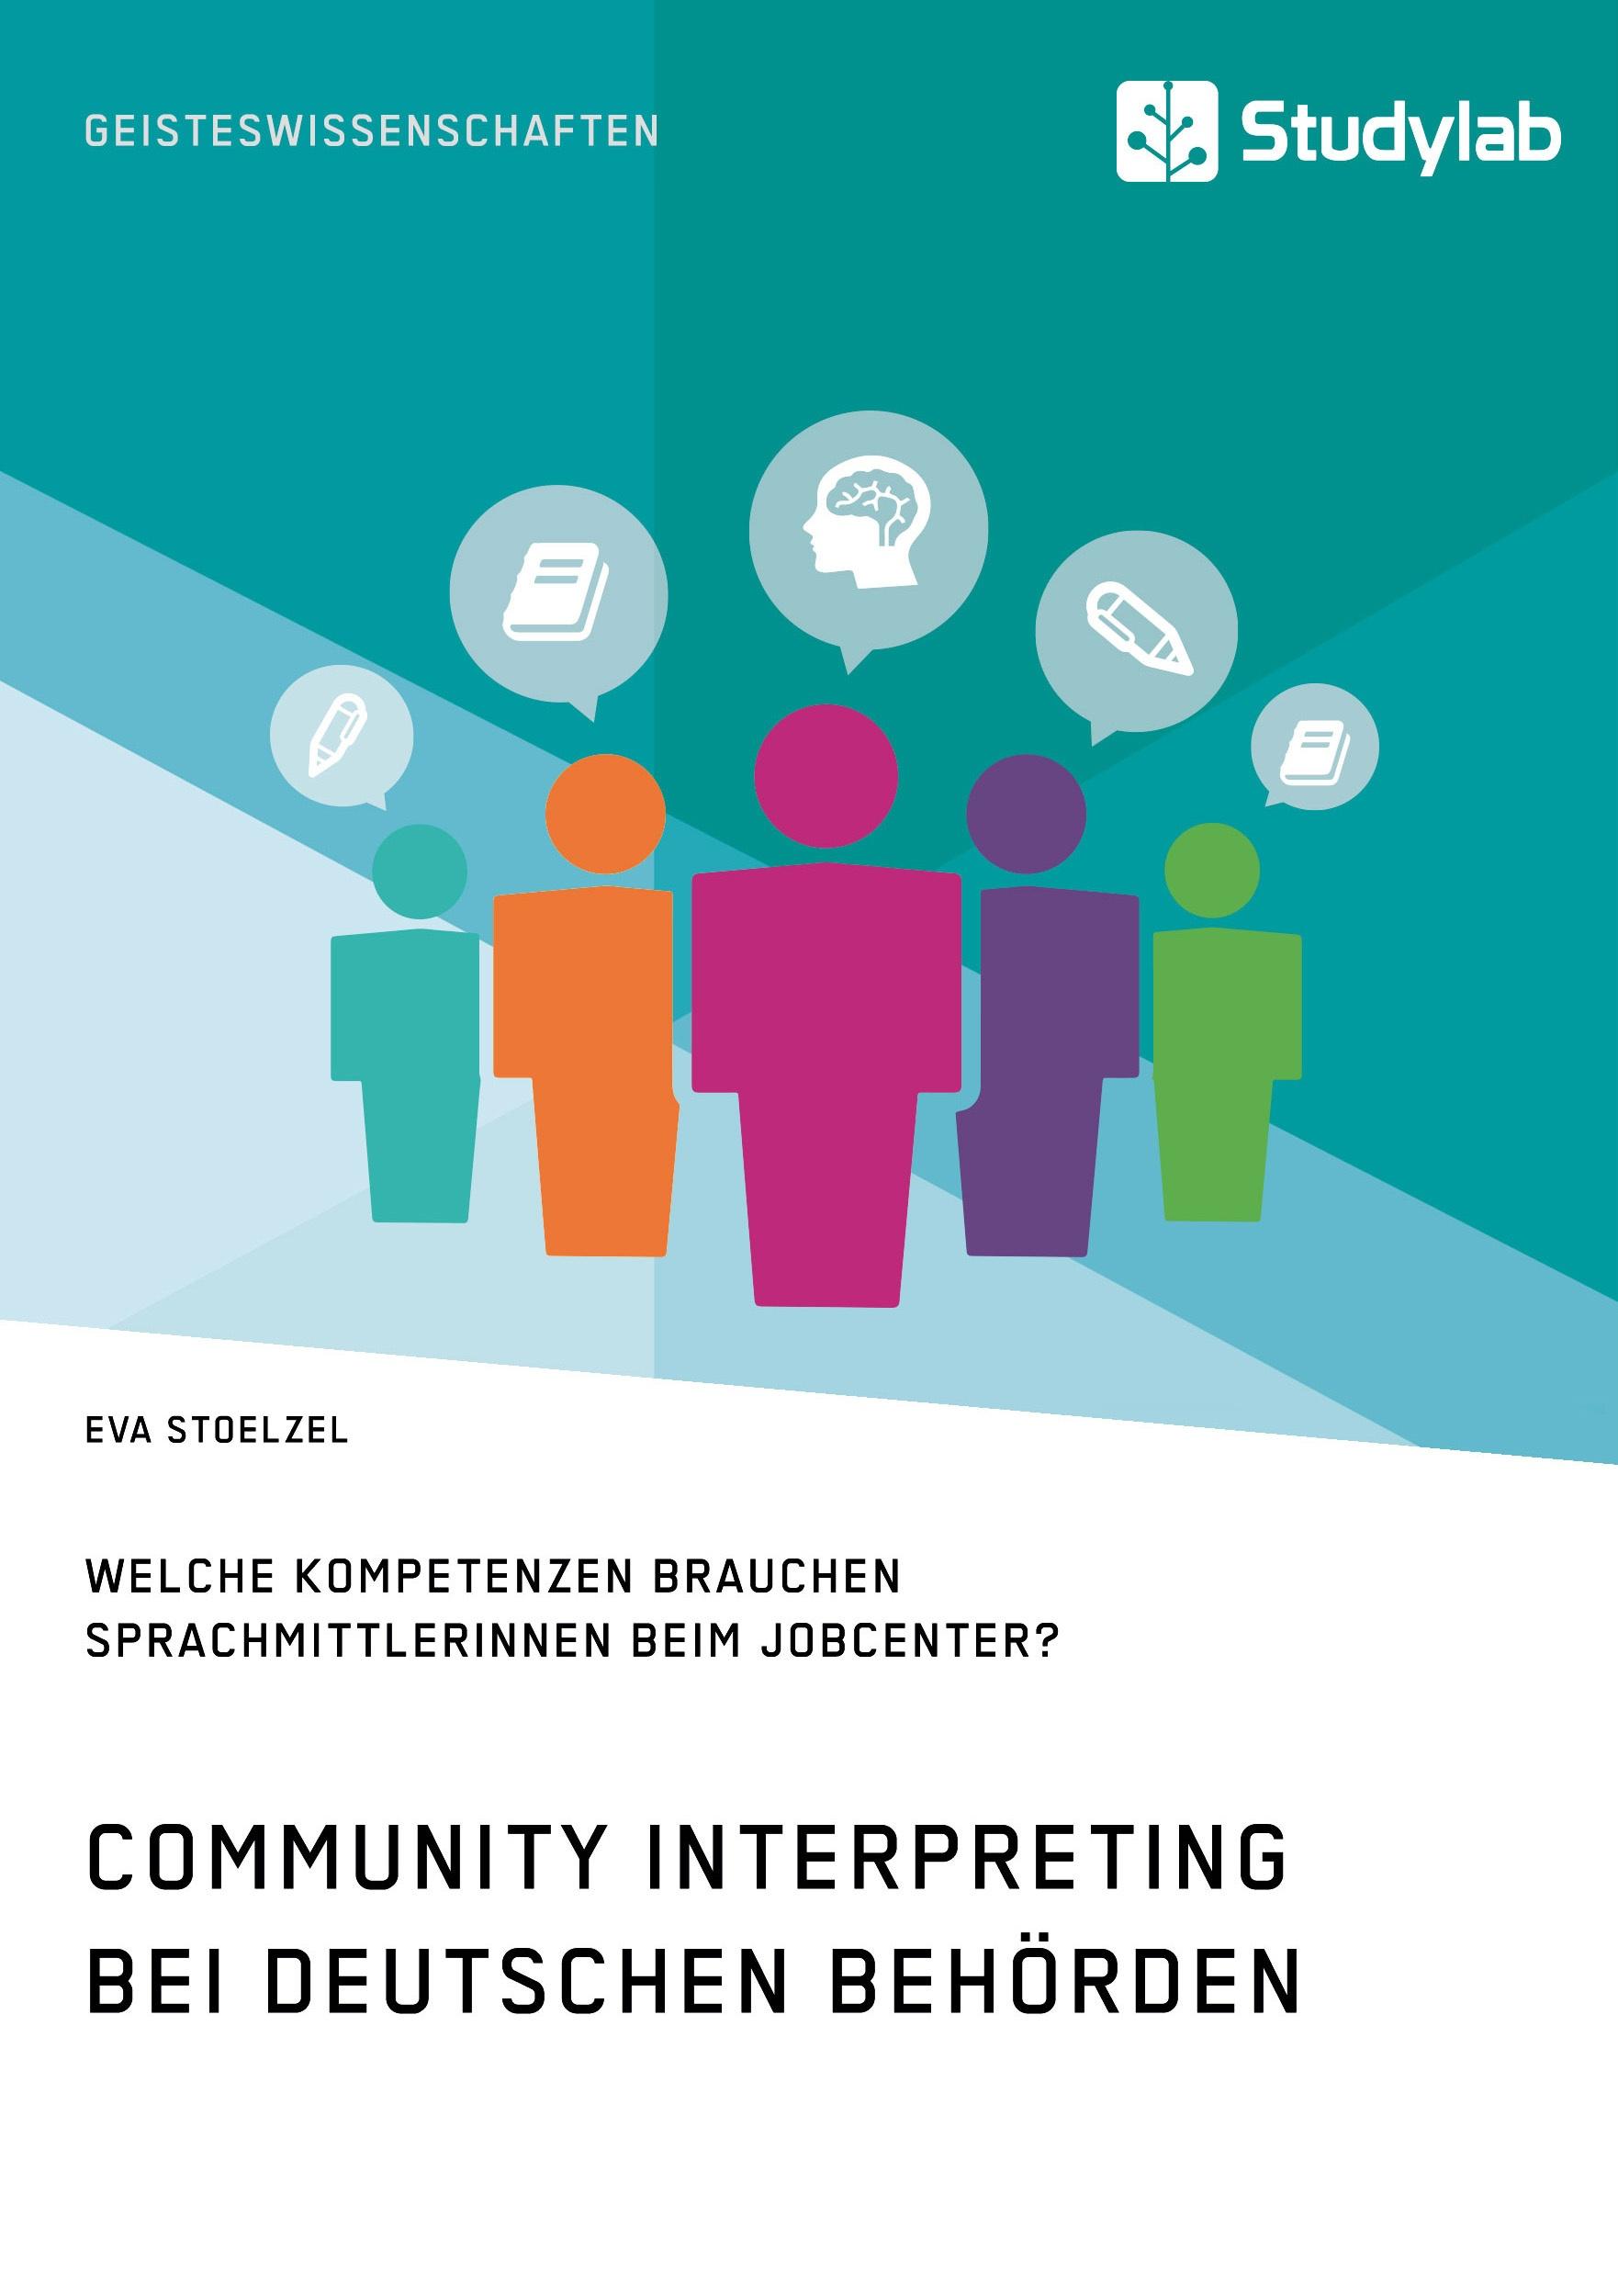 Titel: Community Interpreting bei deutschen Behörden. Welche Kompetenzen brauchen SprachmittlerInnen beim Jobcenter?